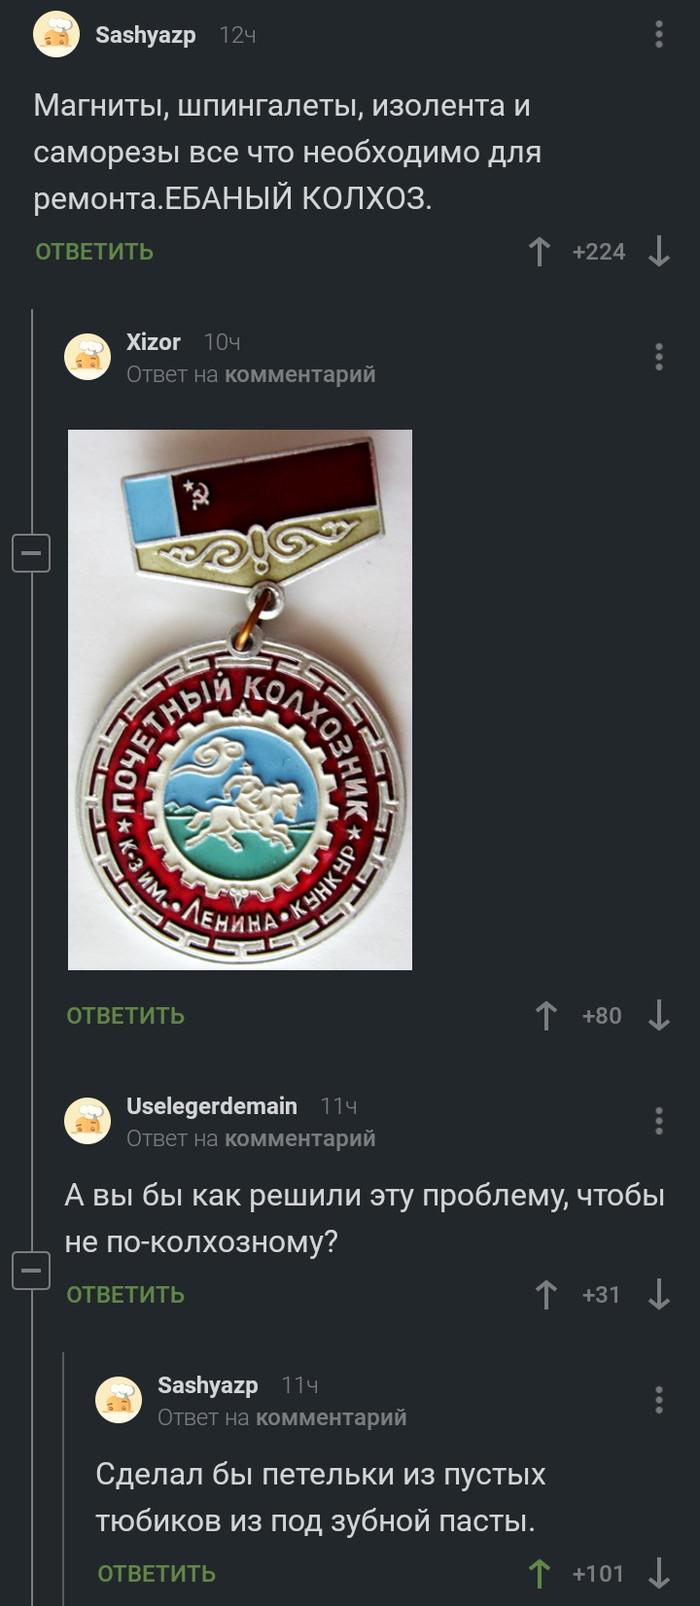 Заслуженный колхозник Комментарии на Пикабу, Колхоз, Колхоз тюнинг, Длиннопост